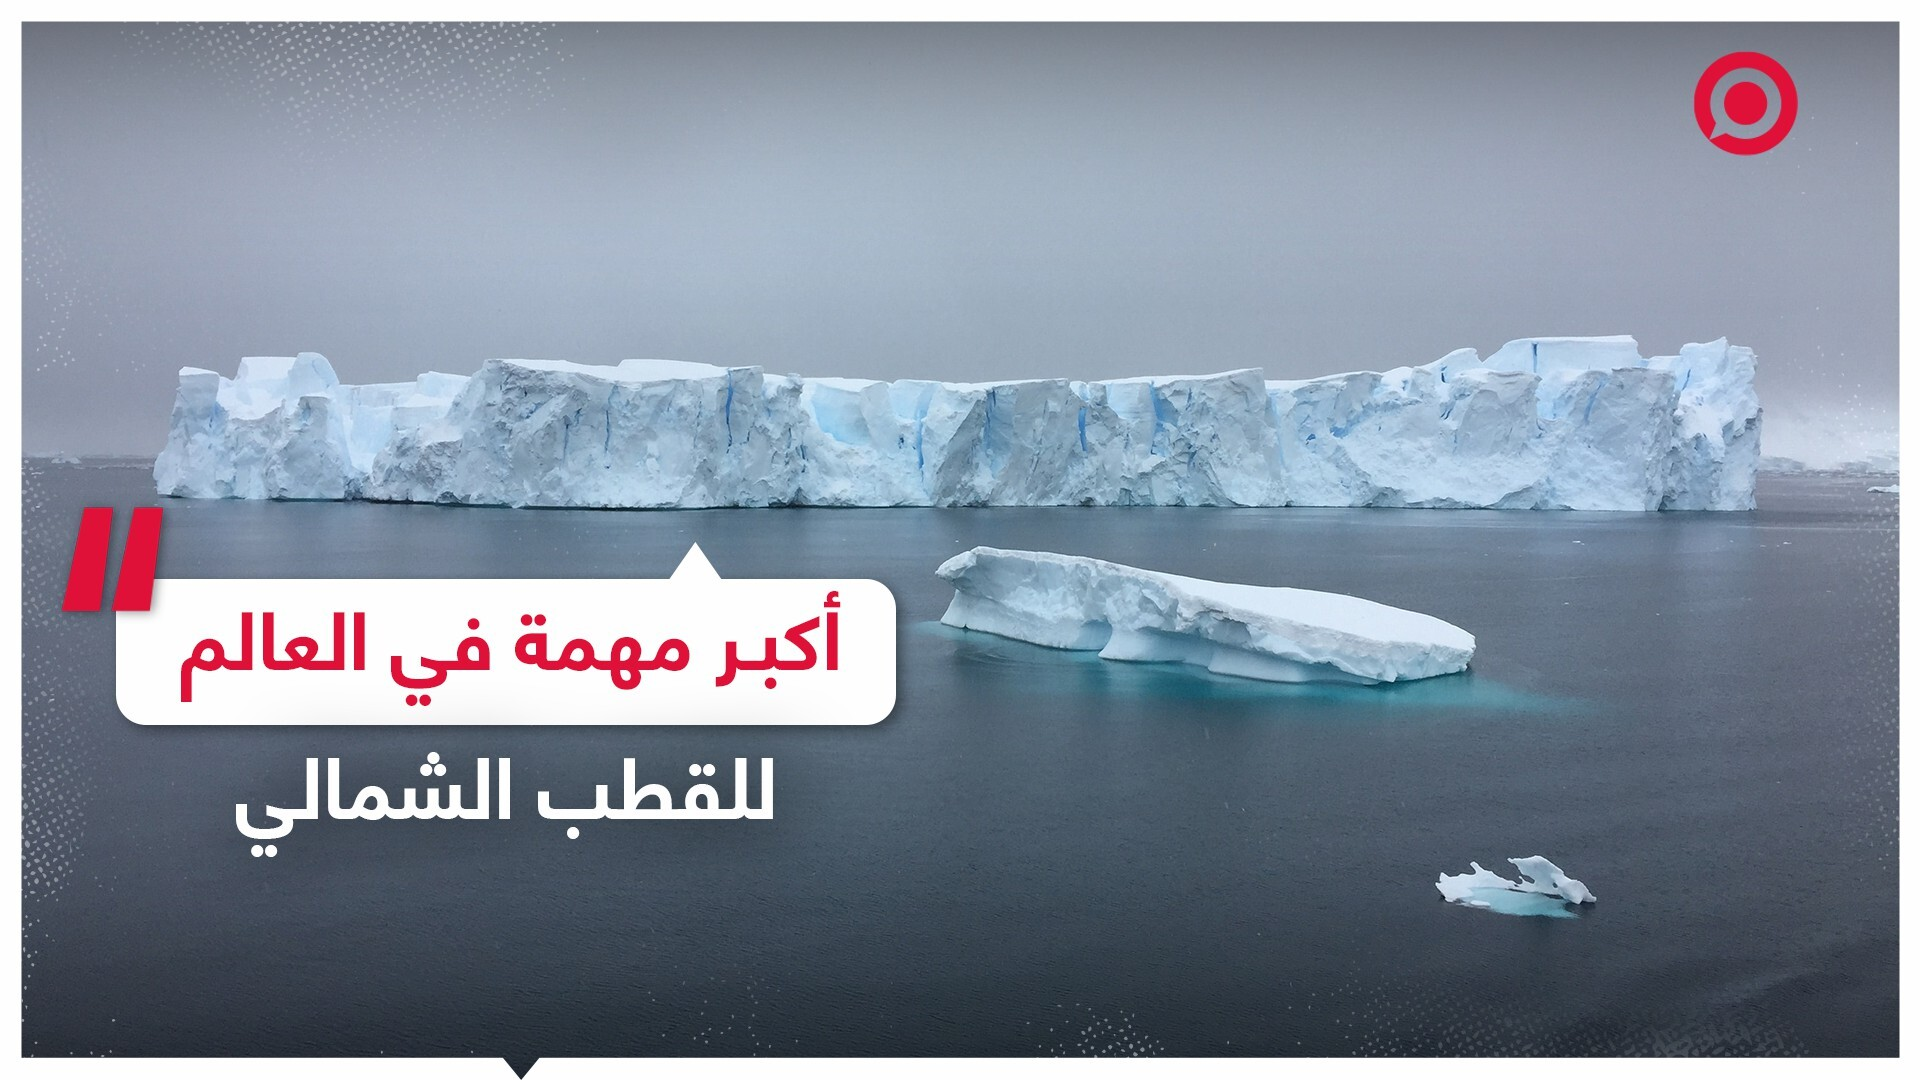 أكبر مهمة في العالم للقطب الشمالي تعود بمعلومات مثيرة للقلق